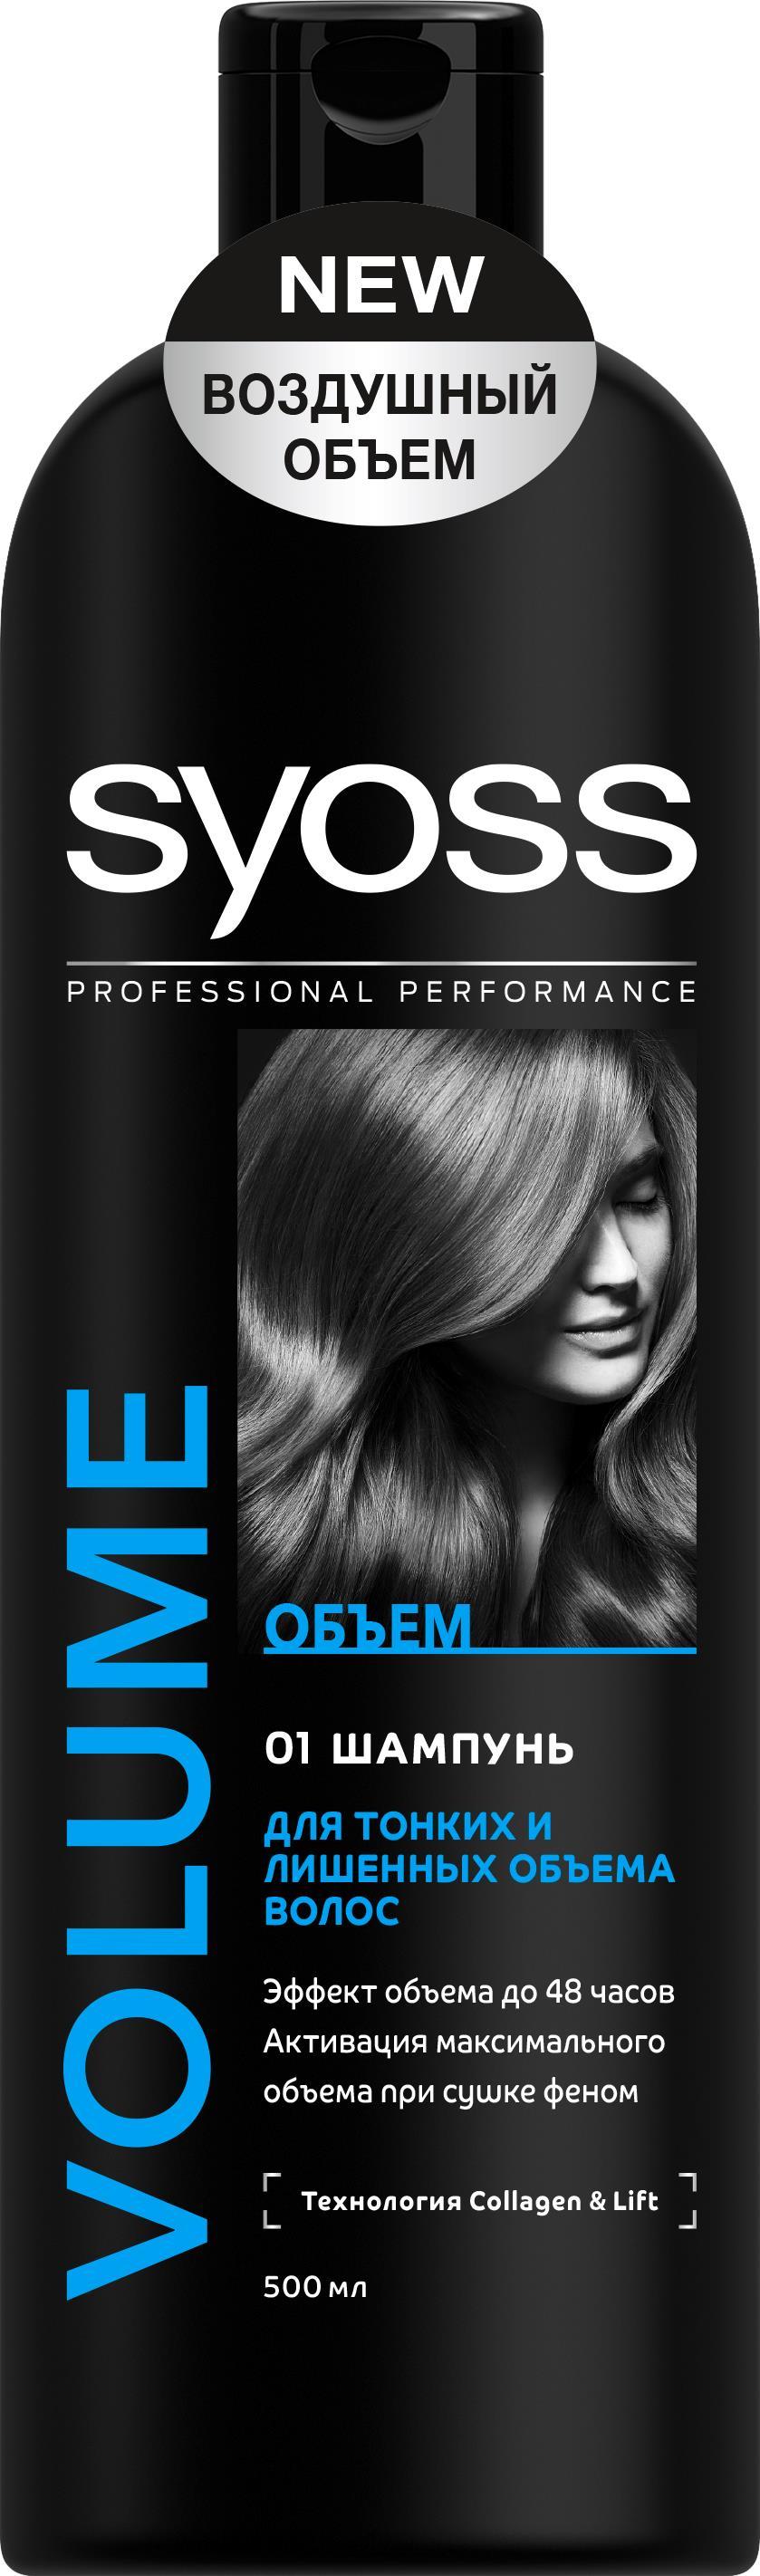 Syoss Шампунь Volume Lift, для тонких и ослабленных волос, 500 мл syoss syoss лак для волос volume lift 75 мл